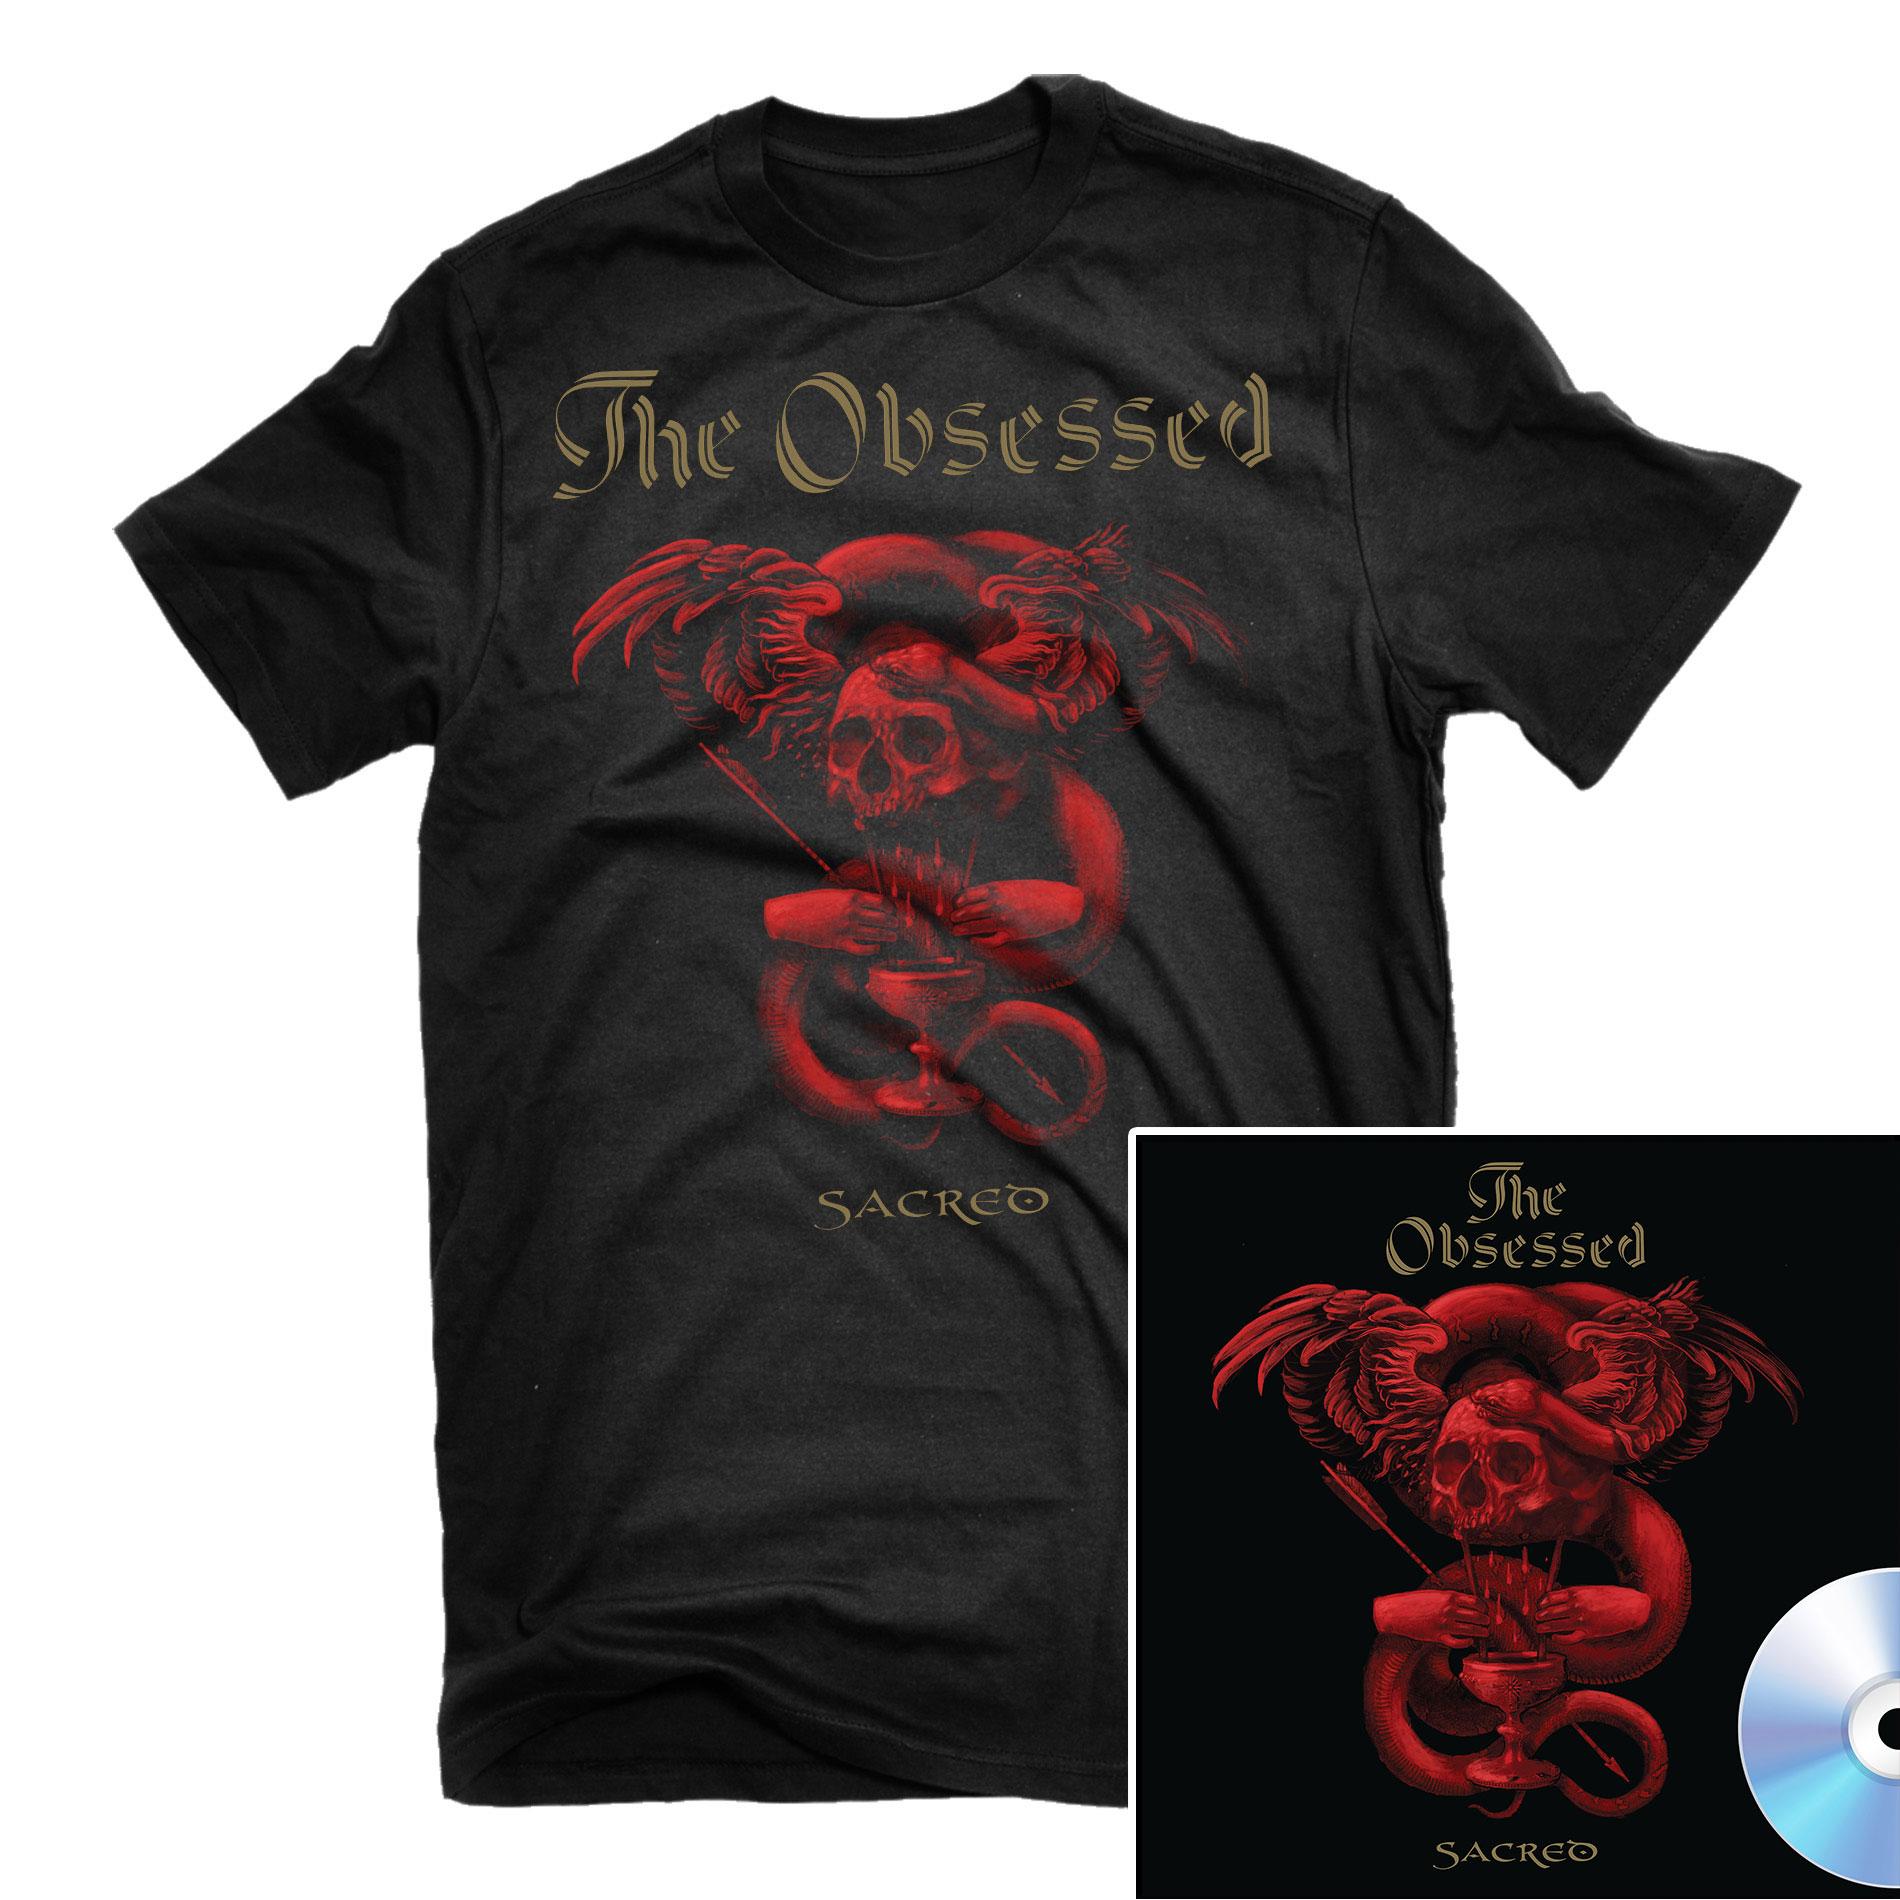 Sacred T Shirt + CD Bundle